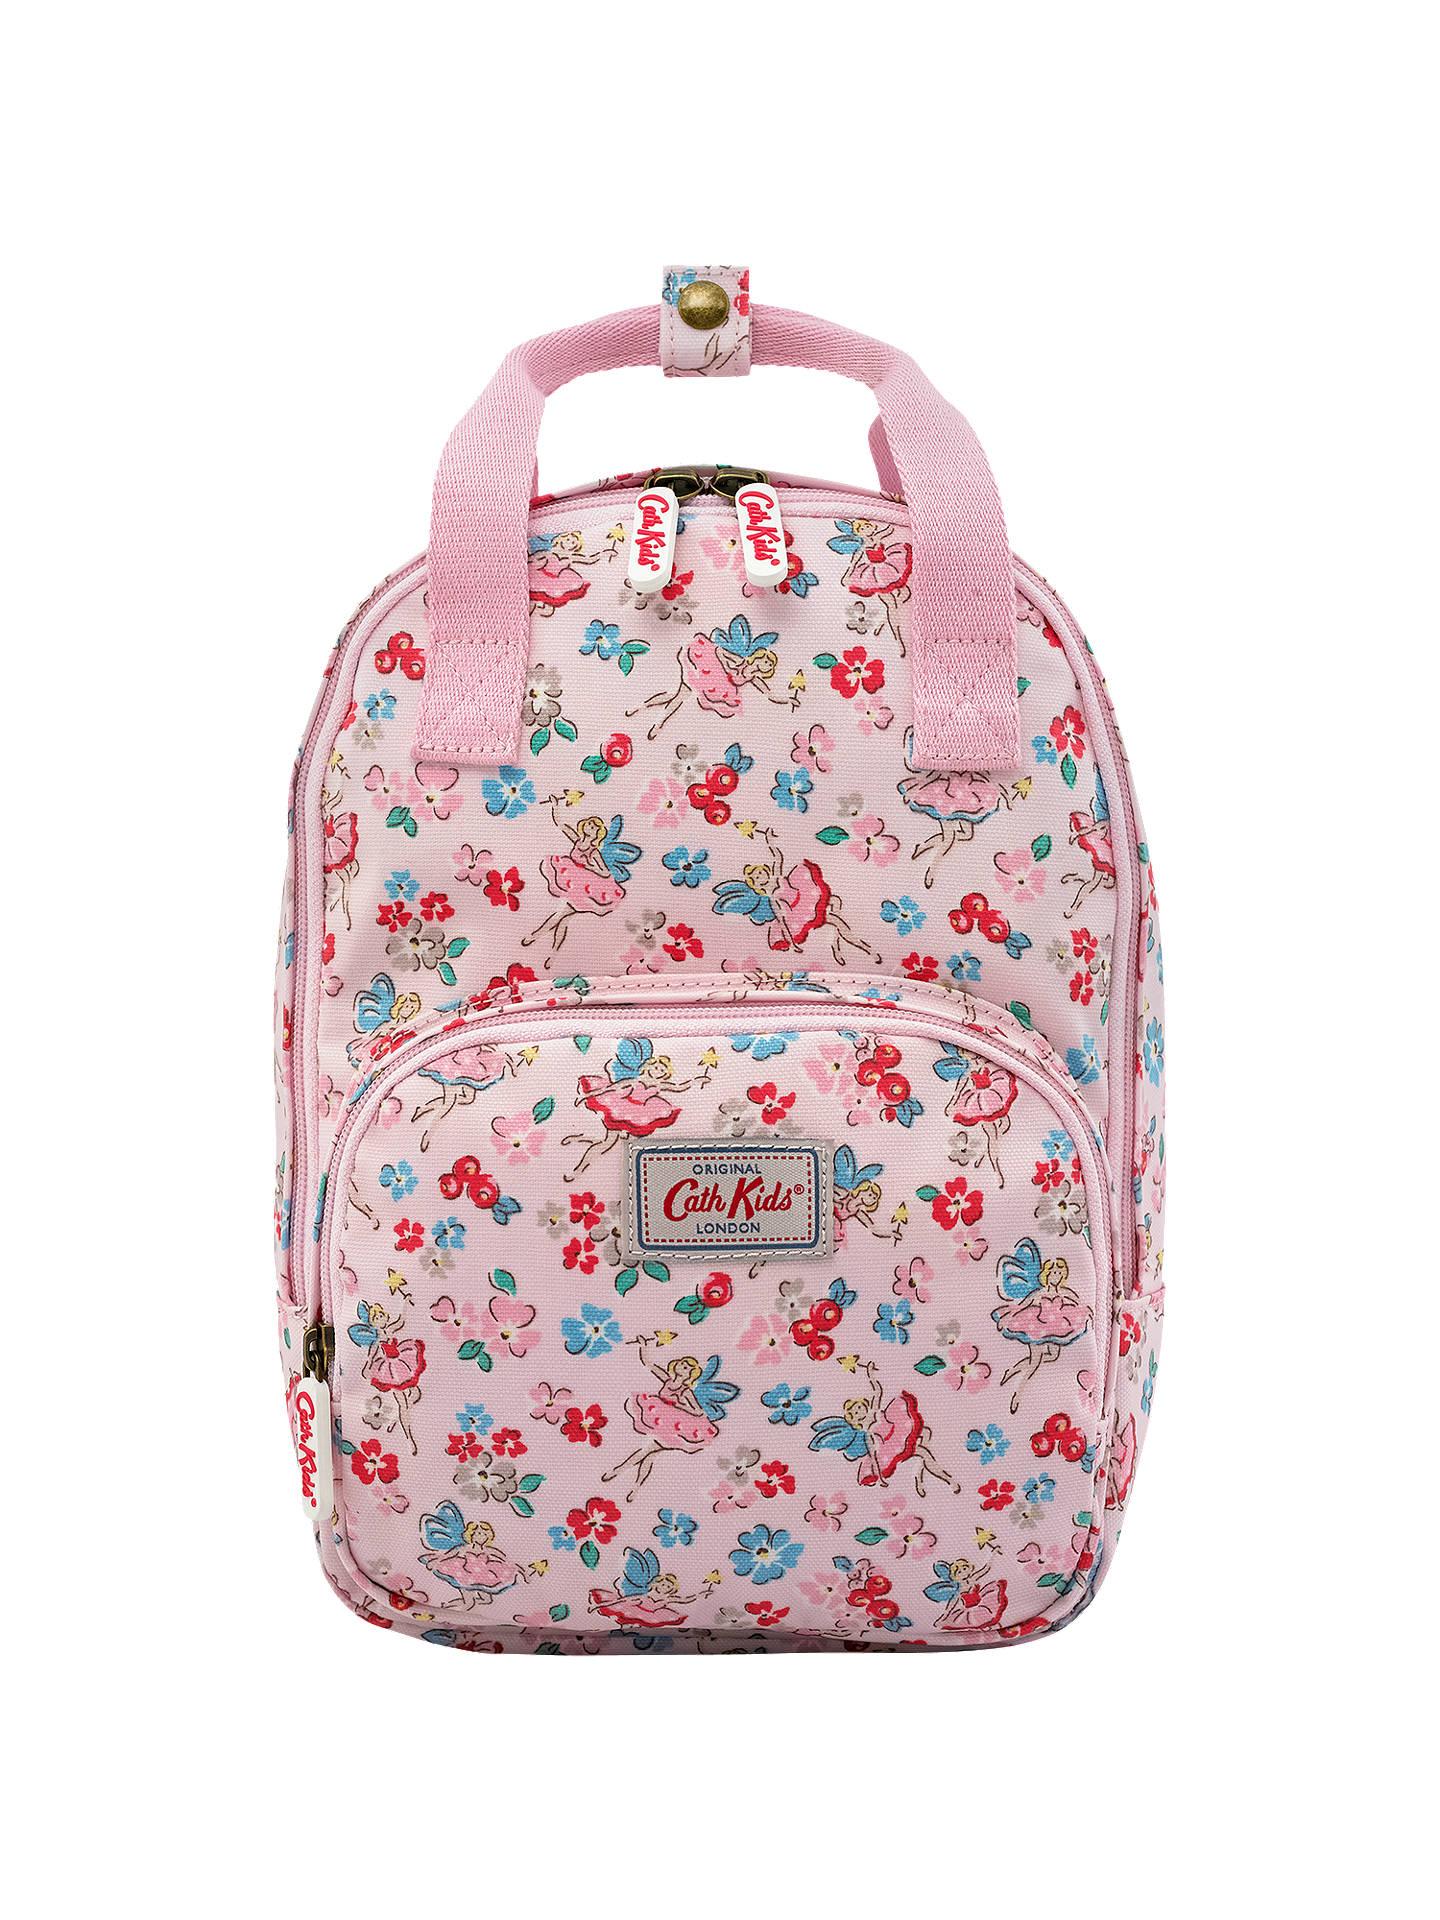 kid fashionablestyle rock-bottom price Cath Kids Children's Little Fairies Medium Rucksack, Pink at ...